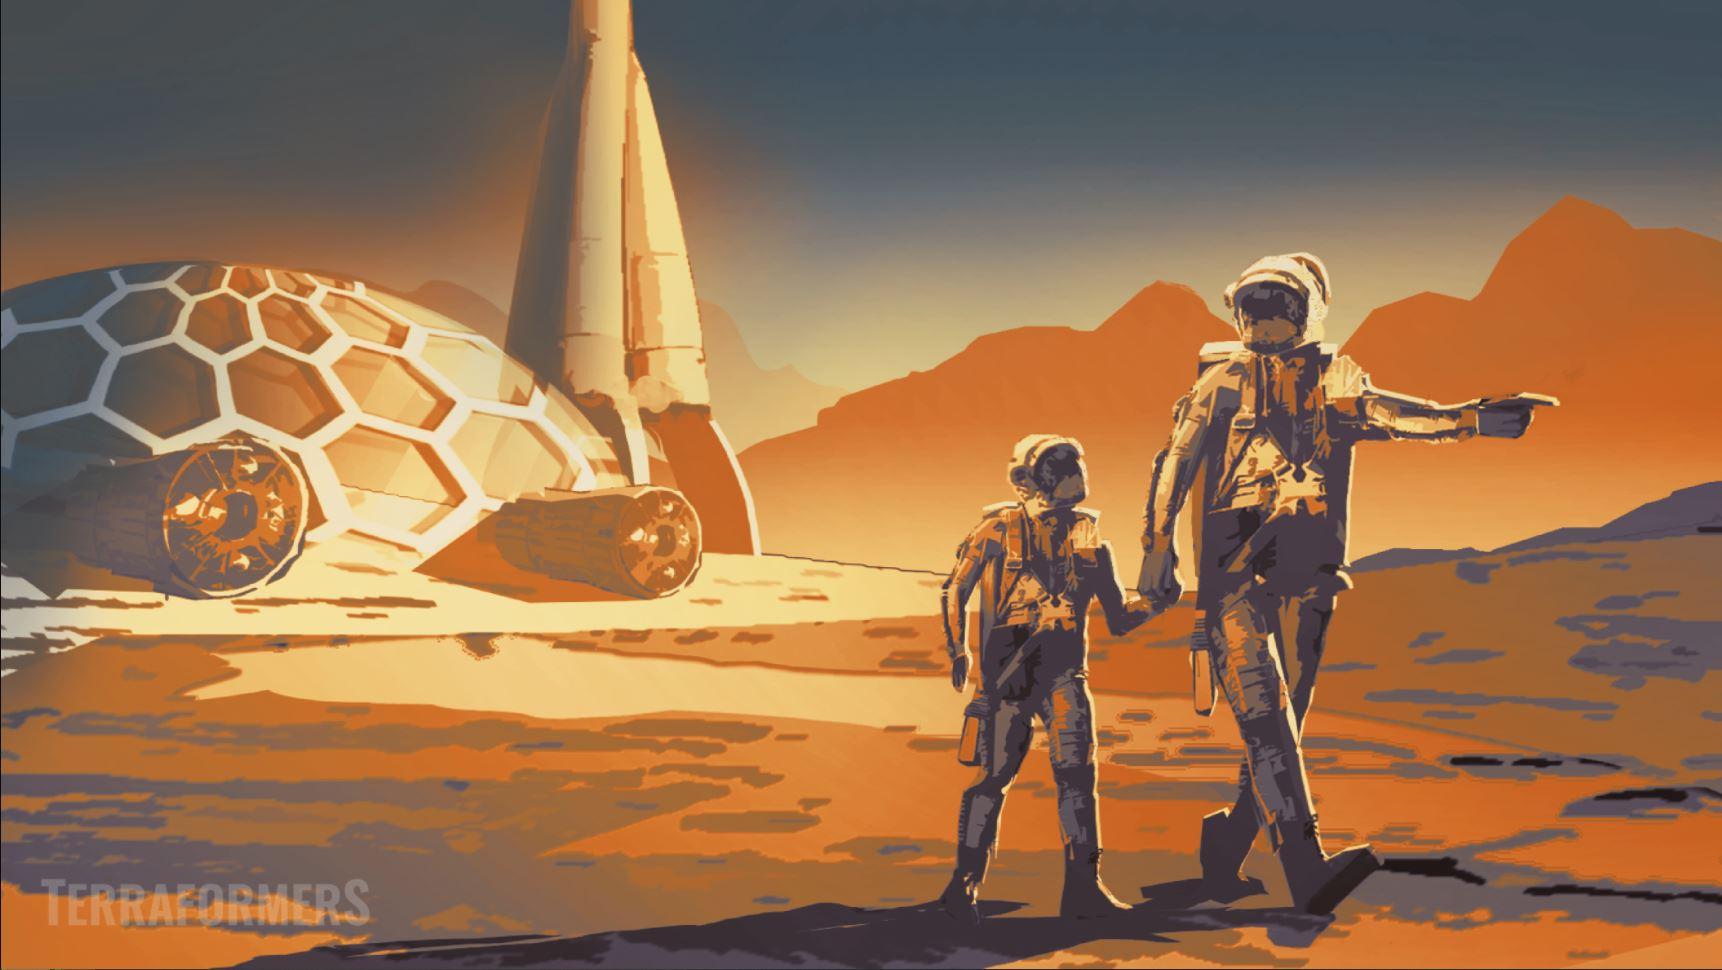 Terraformers, annunciata la partnership con Goblinz Studio